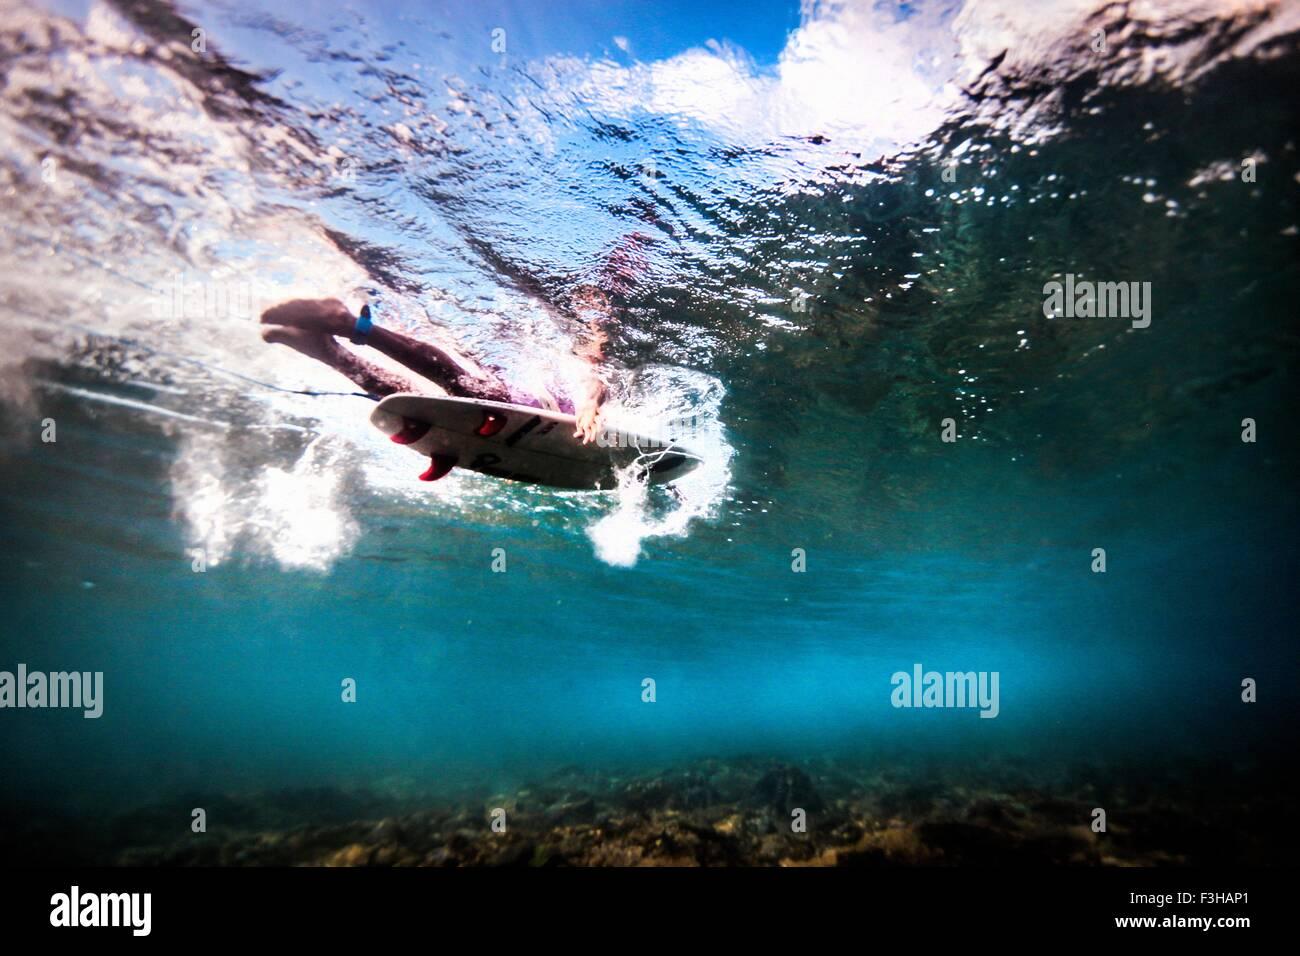 Unterwasser-Blick vom Surfer paddeln durch Meer zu fangen Wellen in Bali, Indonesien Stockbild